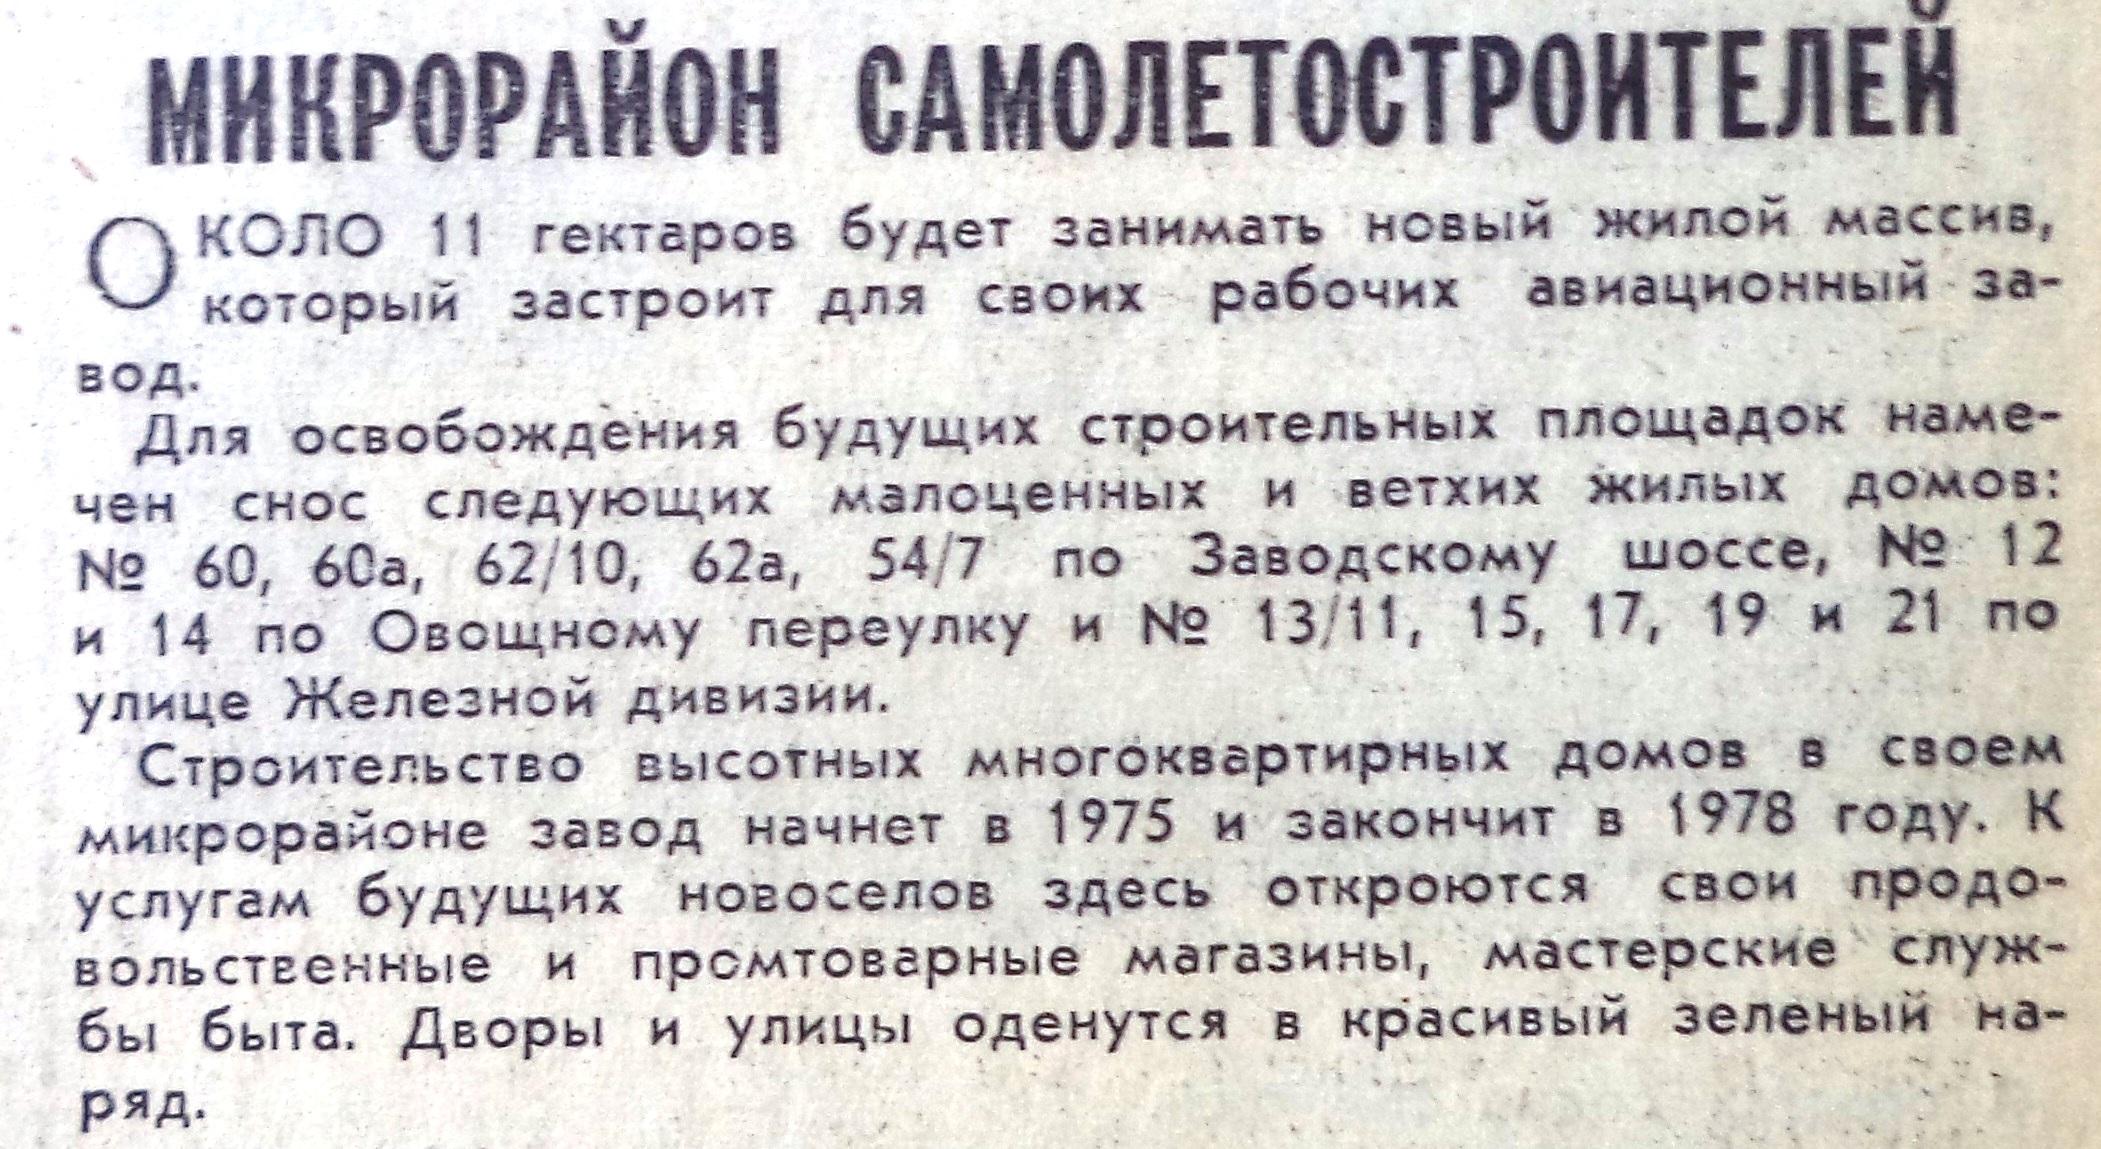 Железной Дивизии-ФОТО-13-ВЗя-1975-01-03-перечень сноса домов под Авиагородок